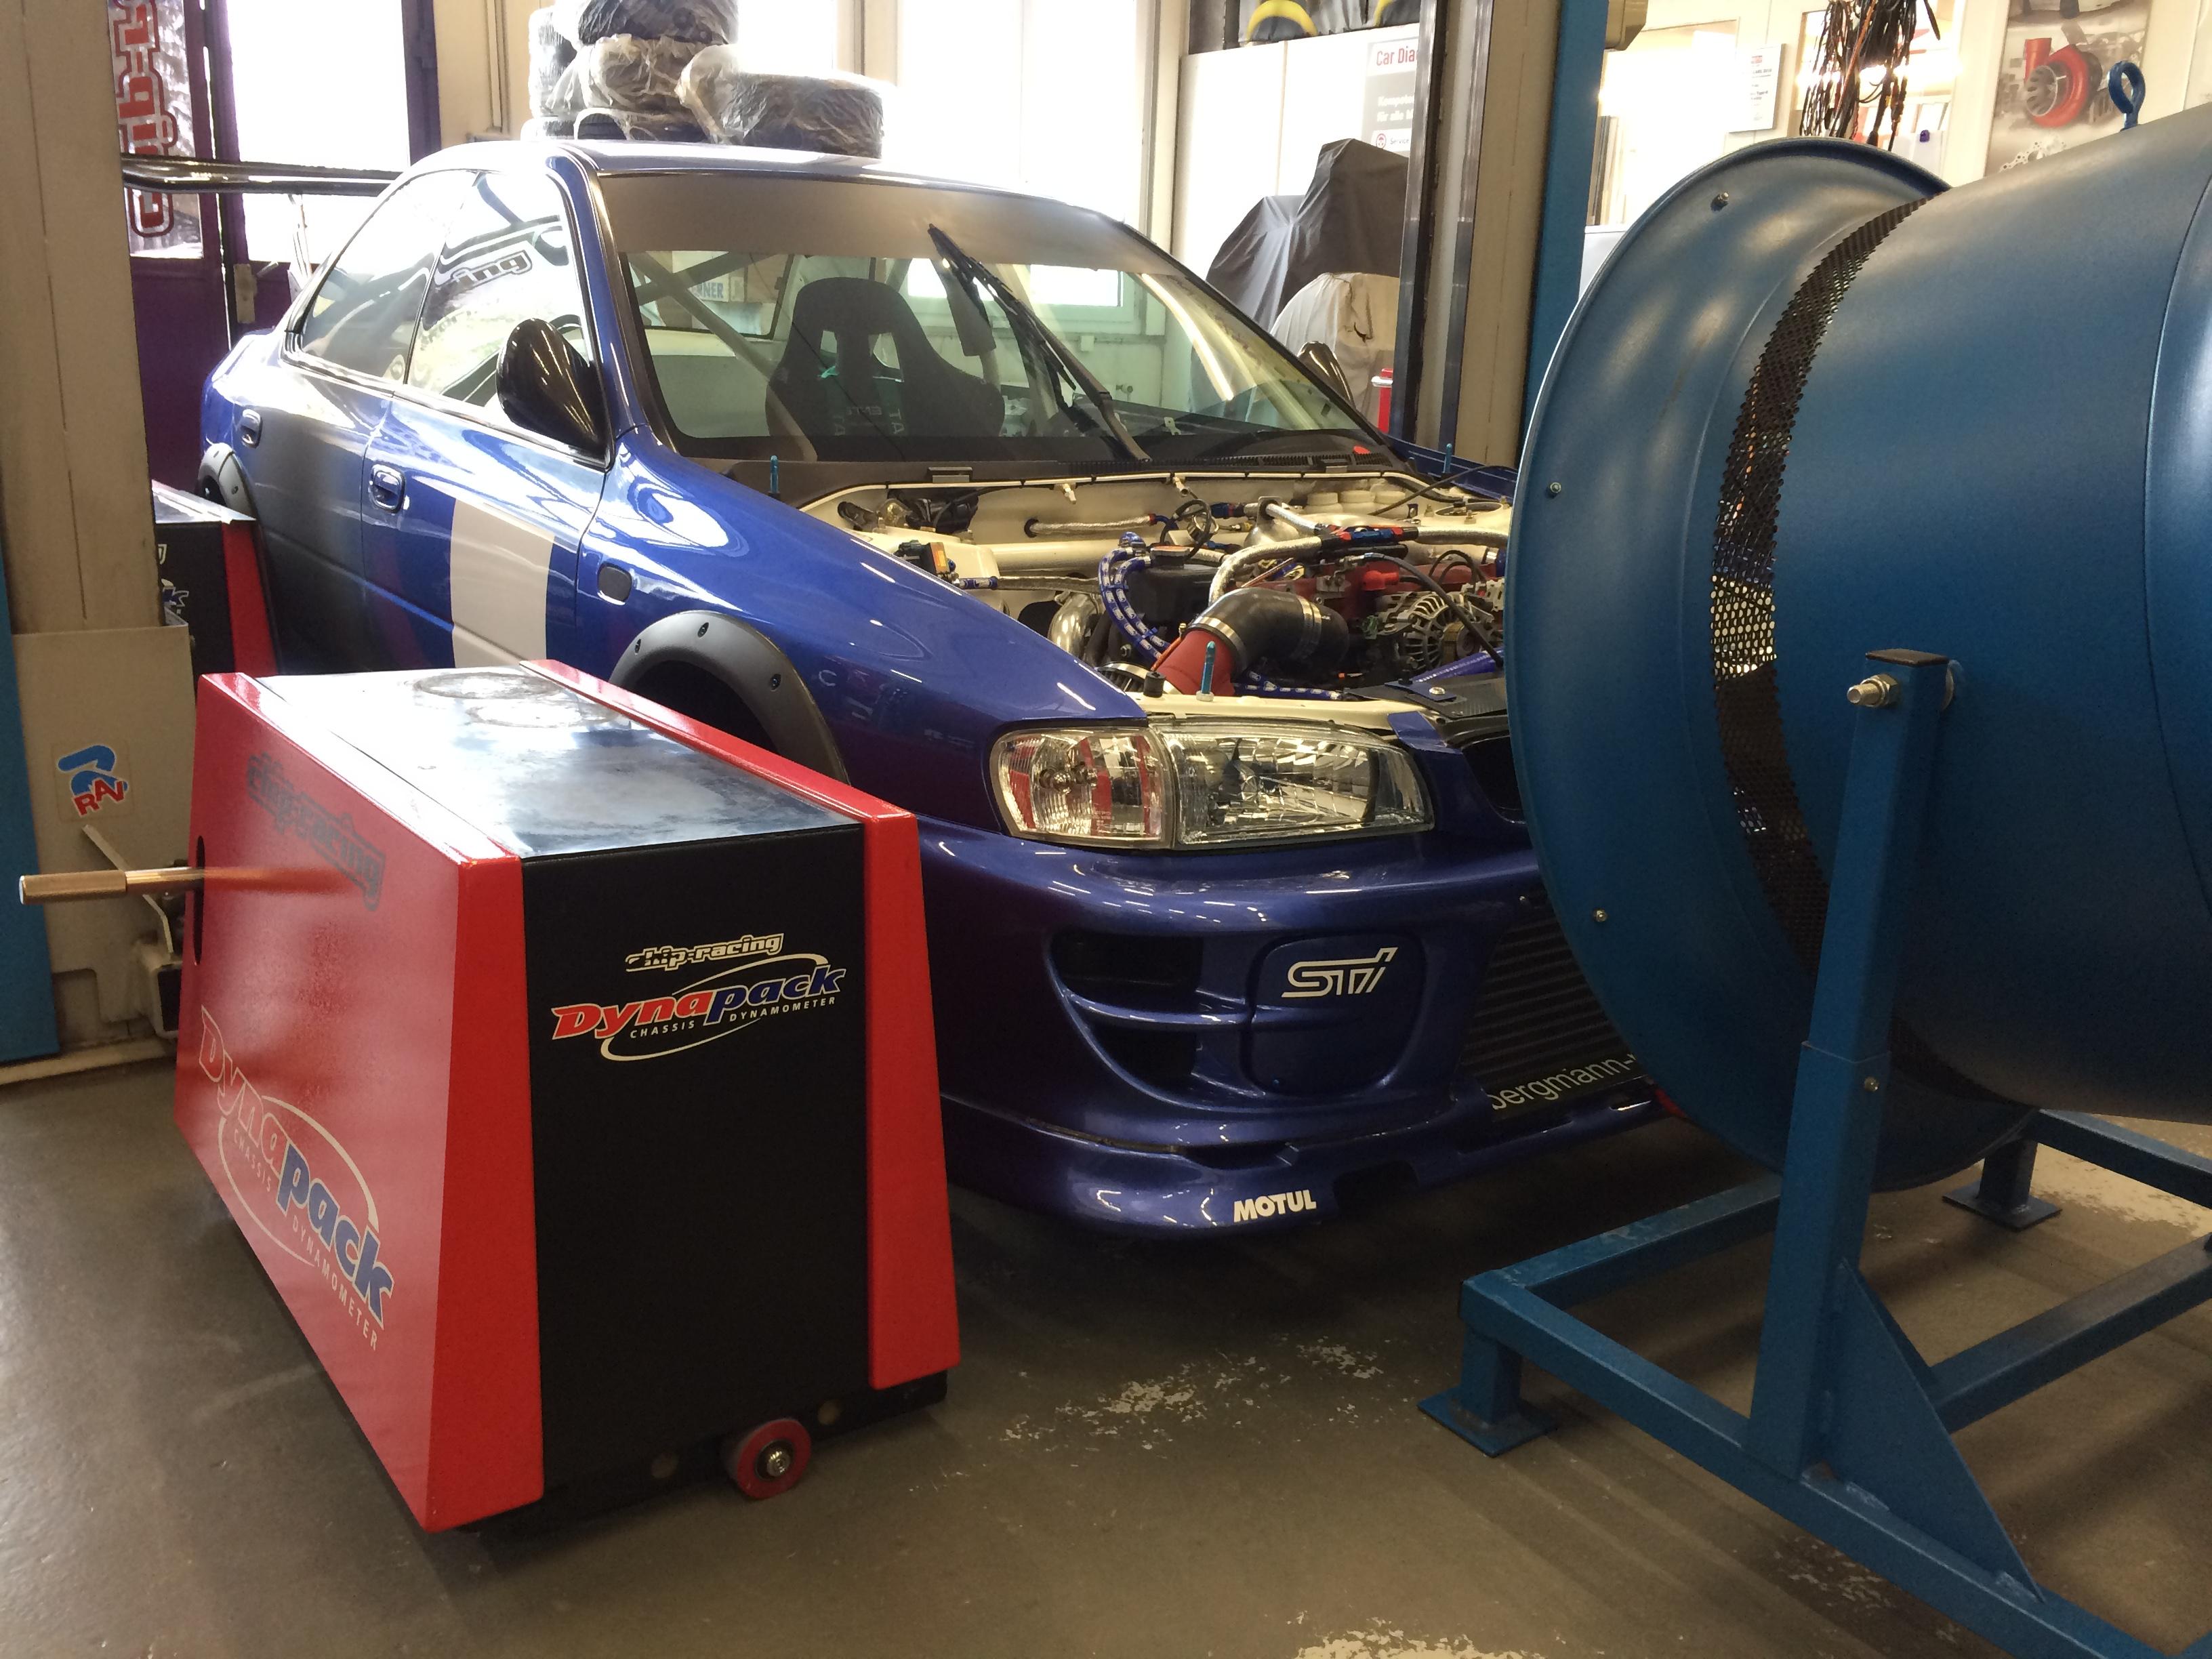 Subaru GT Cupfahrzeug Dynapack